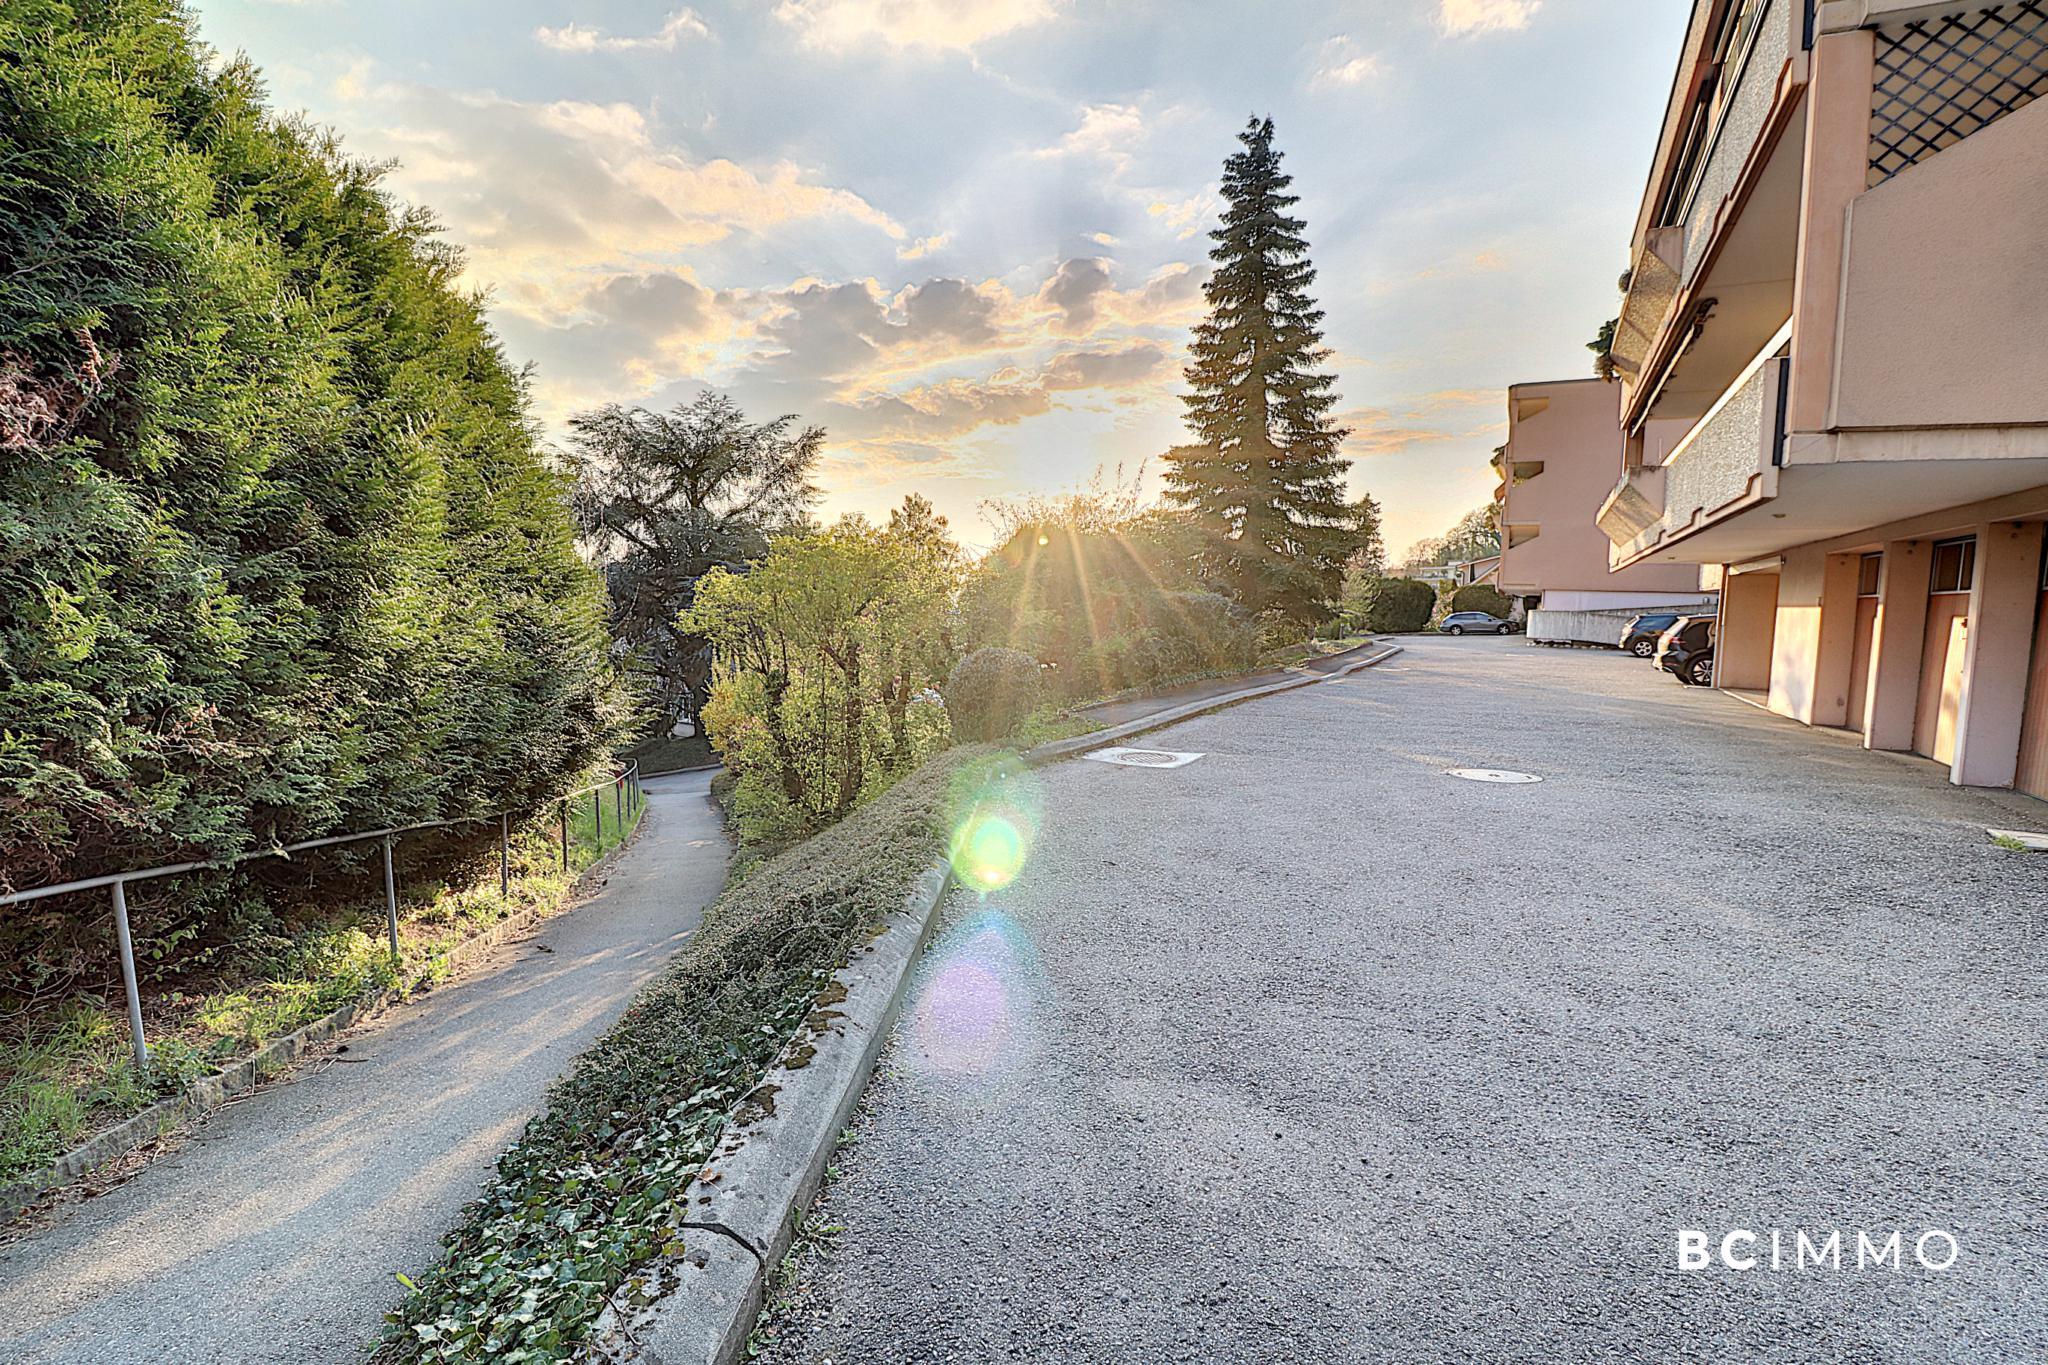 BC Immo - Soleil et Panorama La Conversion - 1093HB421